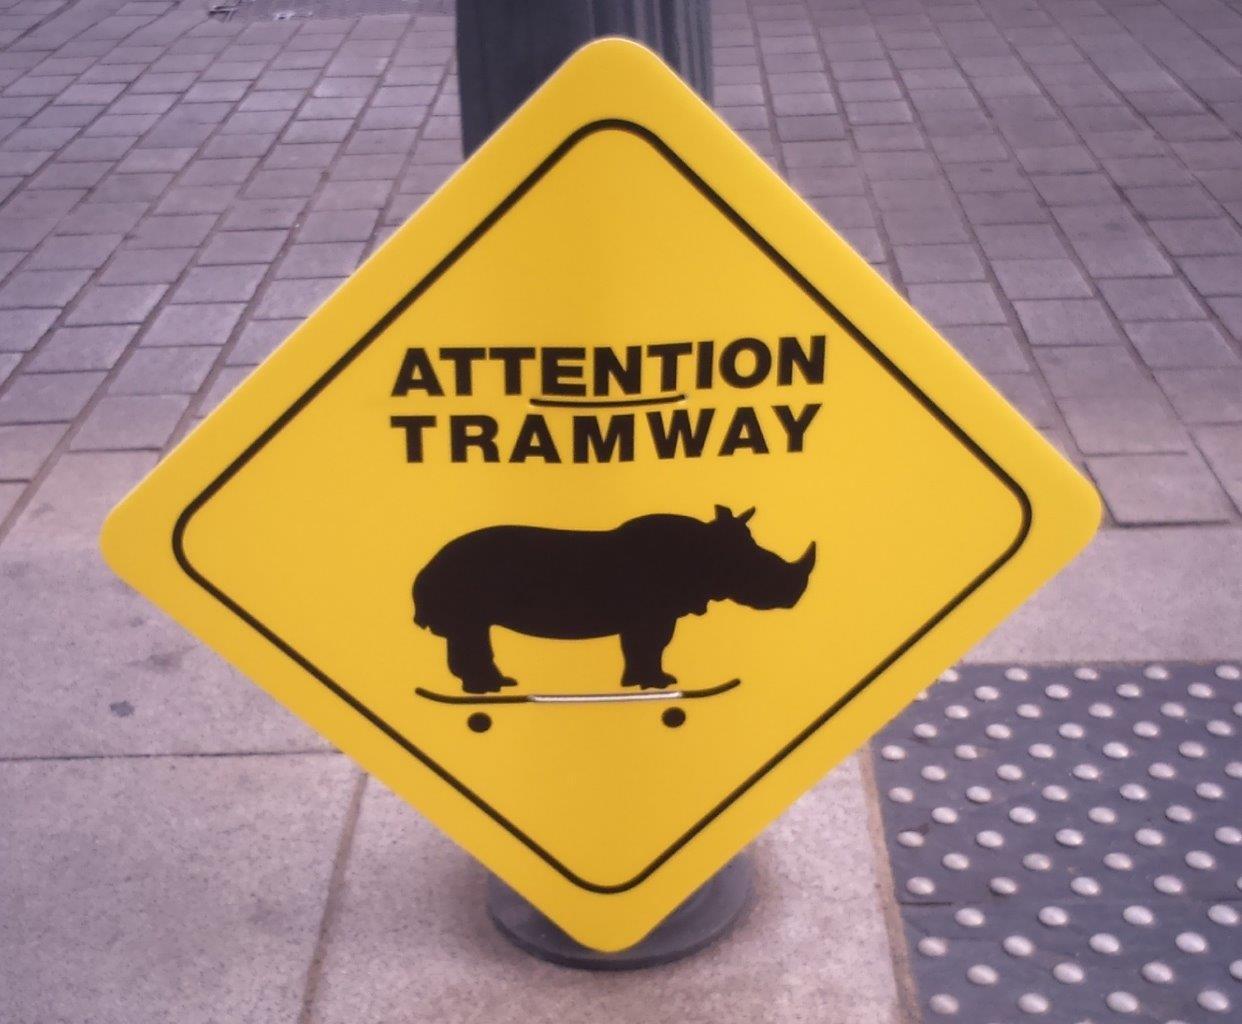 ある日、交差点にこんな標識が突然現れました。